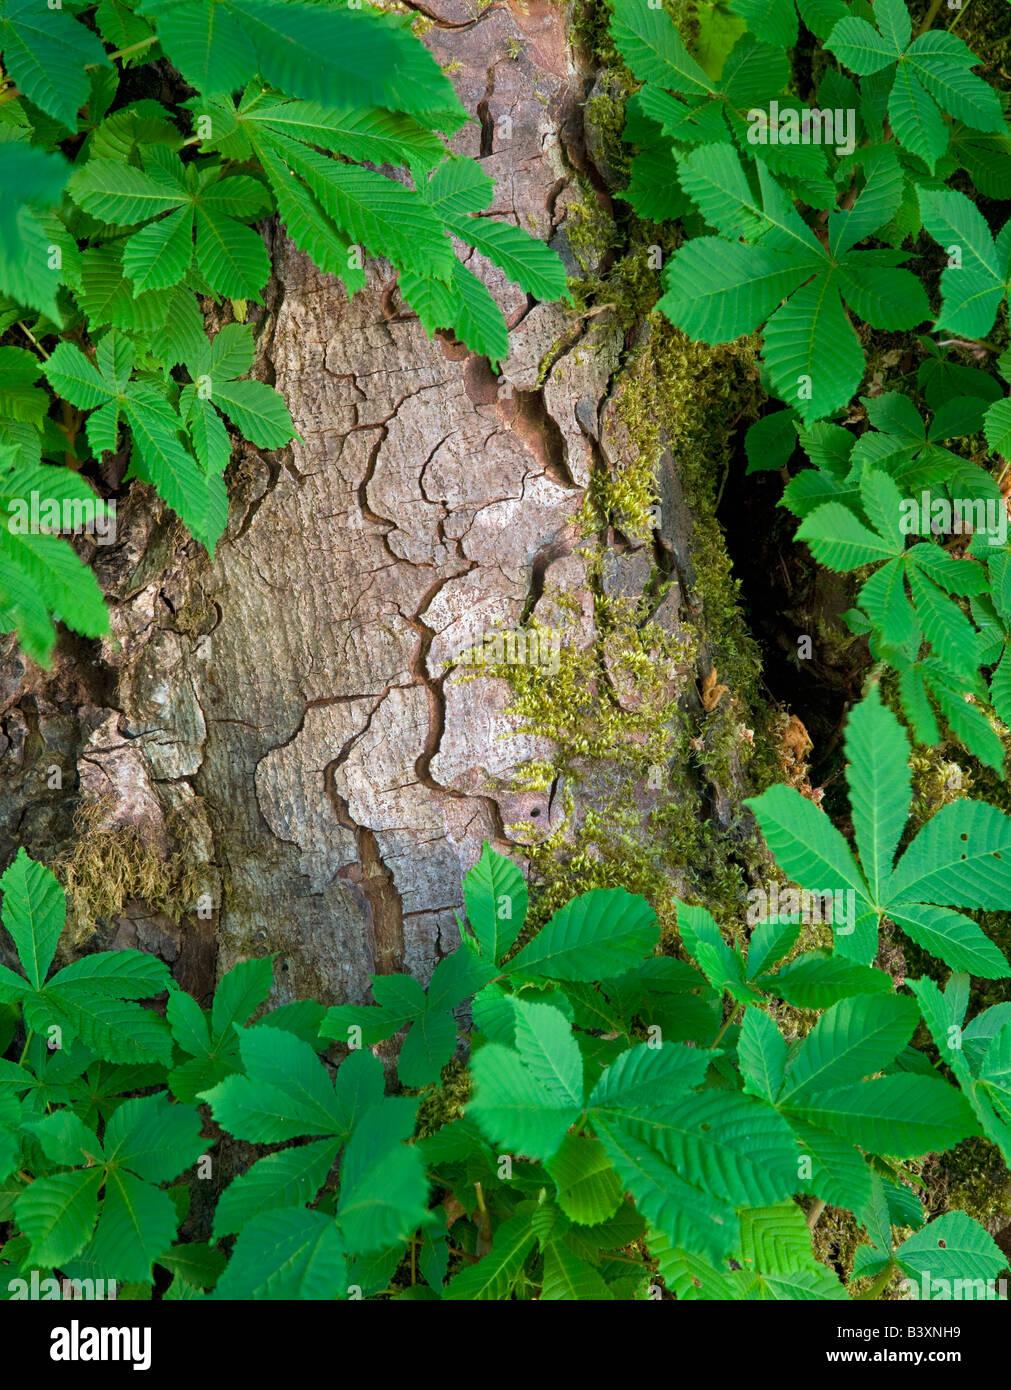 Tronco y hojas de árbol de castaña de caballo Parque Nacional Olímpico en Washington Foto de stock